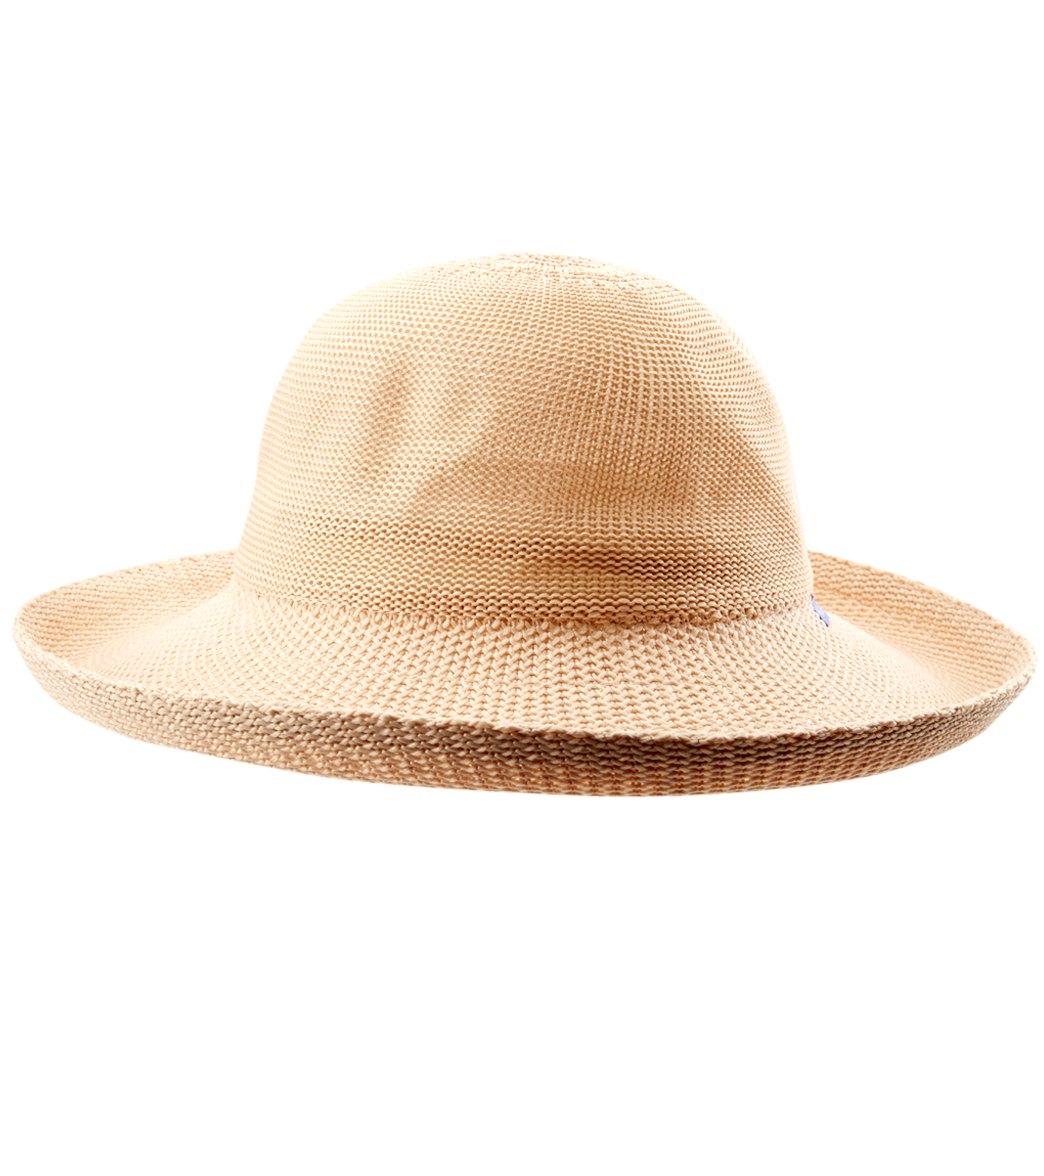 f1e723fae1a Wallaroo Women s Victoria Straw Hat at SwimOutlet.com